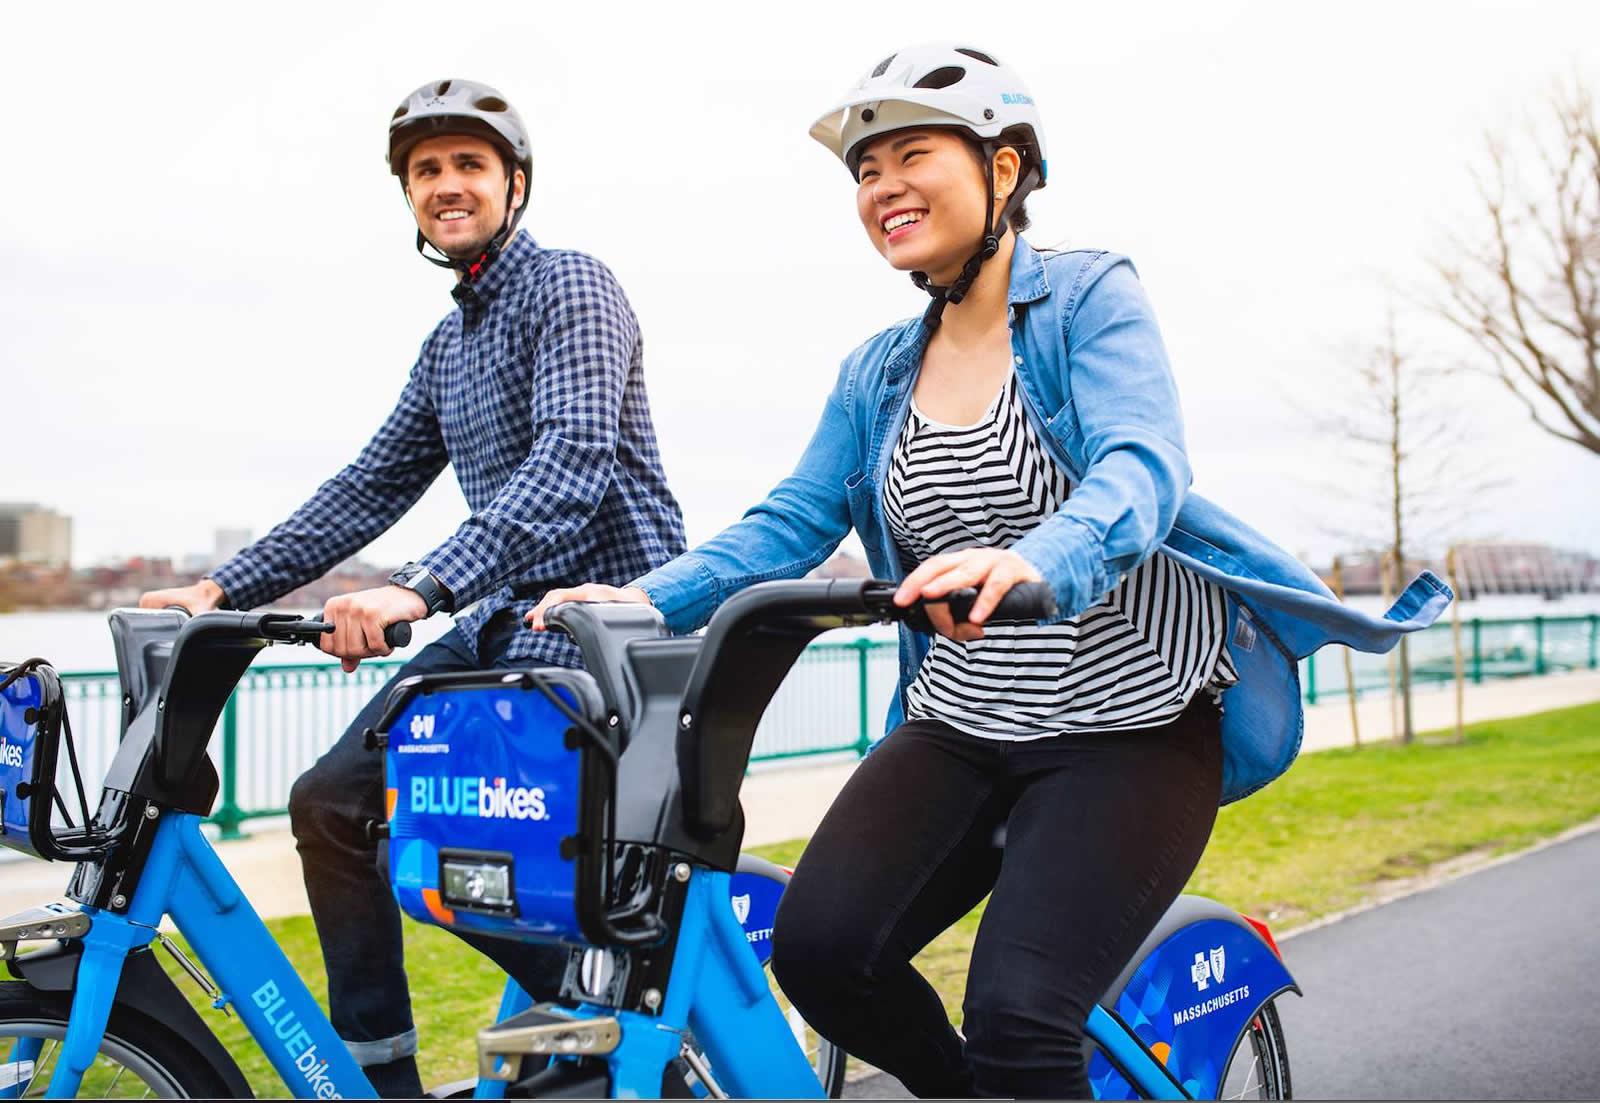 Les Blue Bikes, les vélos à temps partagé à Boston